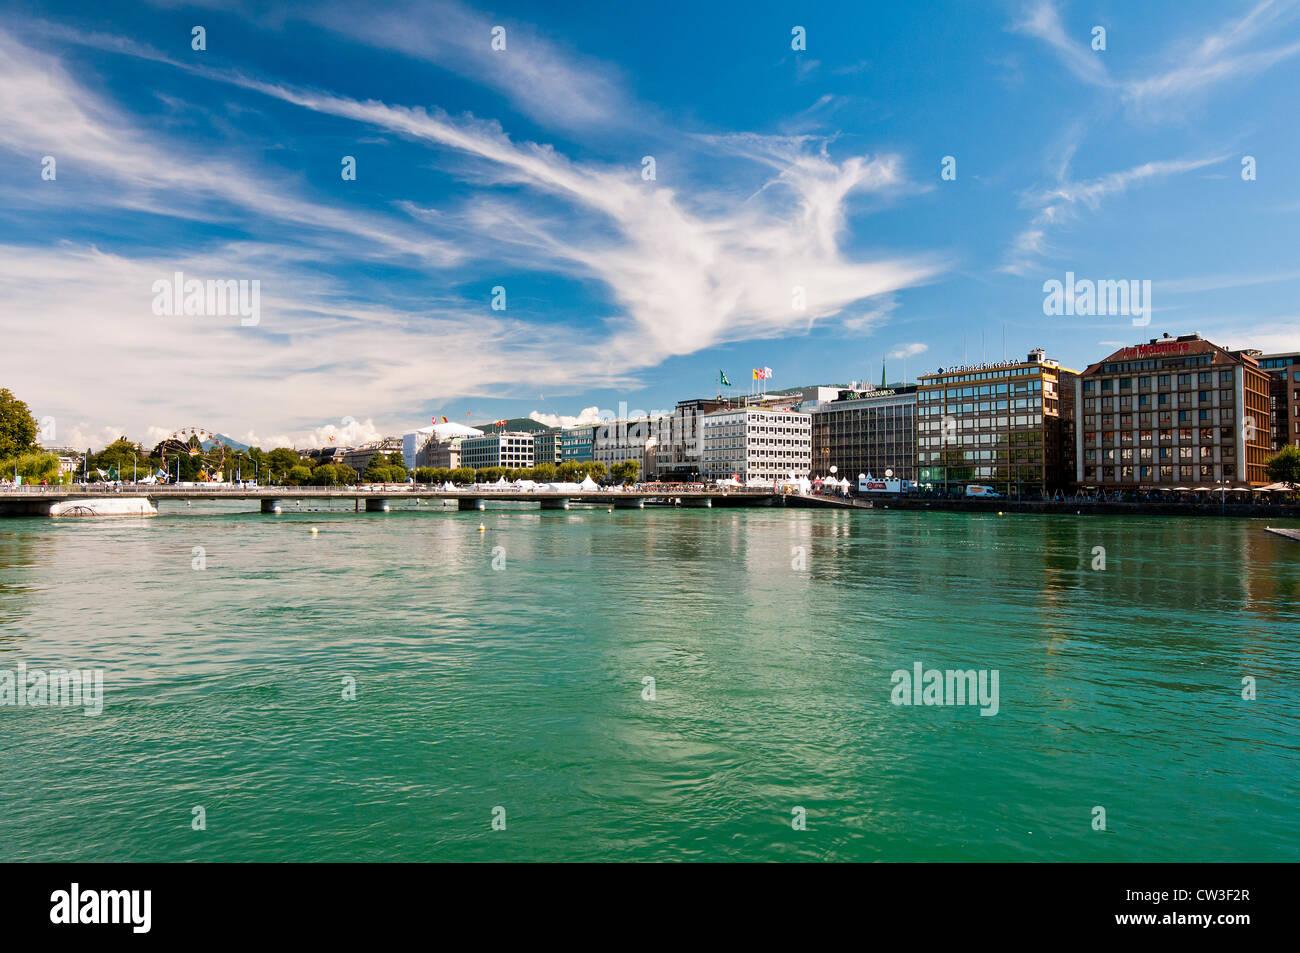 Vista panoramica di Ginevra, Svizzera con fontana Jet d'Eau Immagini Stock